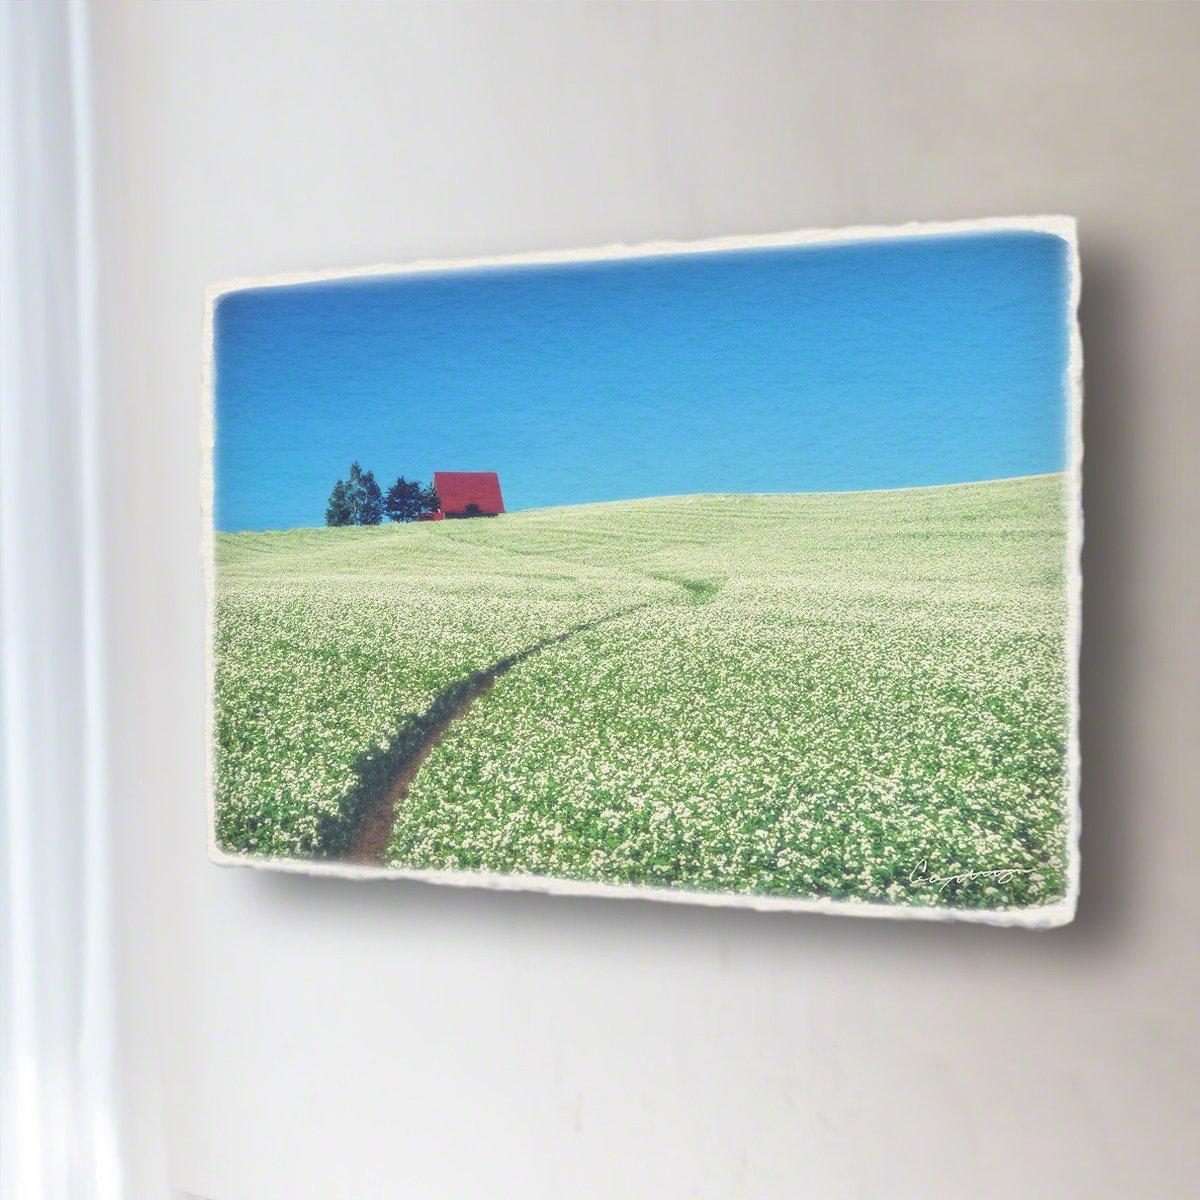 和紙 アートパネル 「一面のソバの花畑と赤い屋根の家へと続く道」 (36x24cm) 絵 絵画 壁掛け 壁飾り インテリア アート B072VWJ6VN 13.アートパネル(長辺36cm) 8800円|一面のソバの花畑と赤い屋根の家へと続く道 一面のソバの花畑と赤い屋根の家へと続く道 13.アートパネル(長辺36cm) 8800円